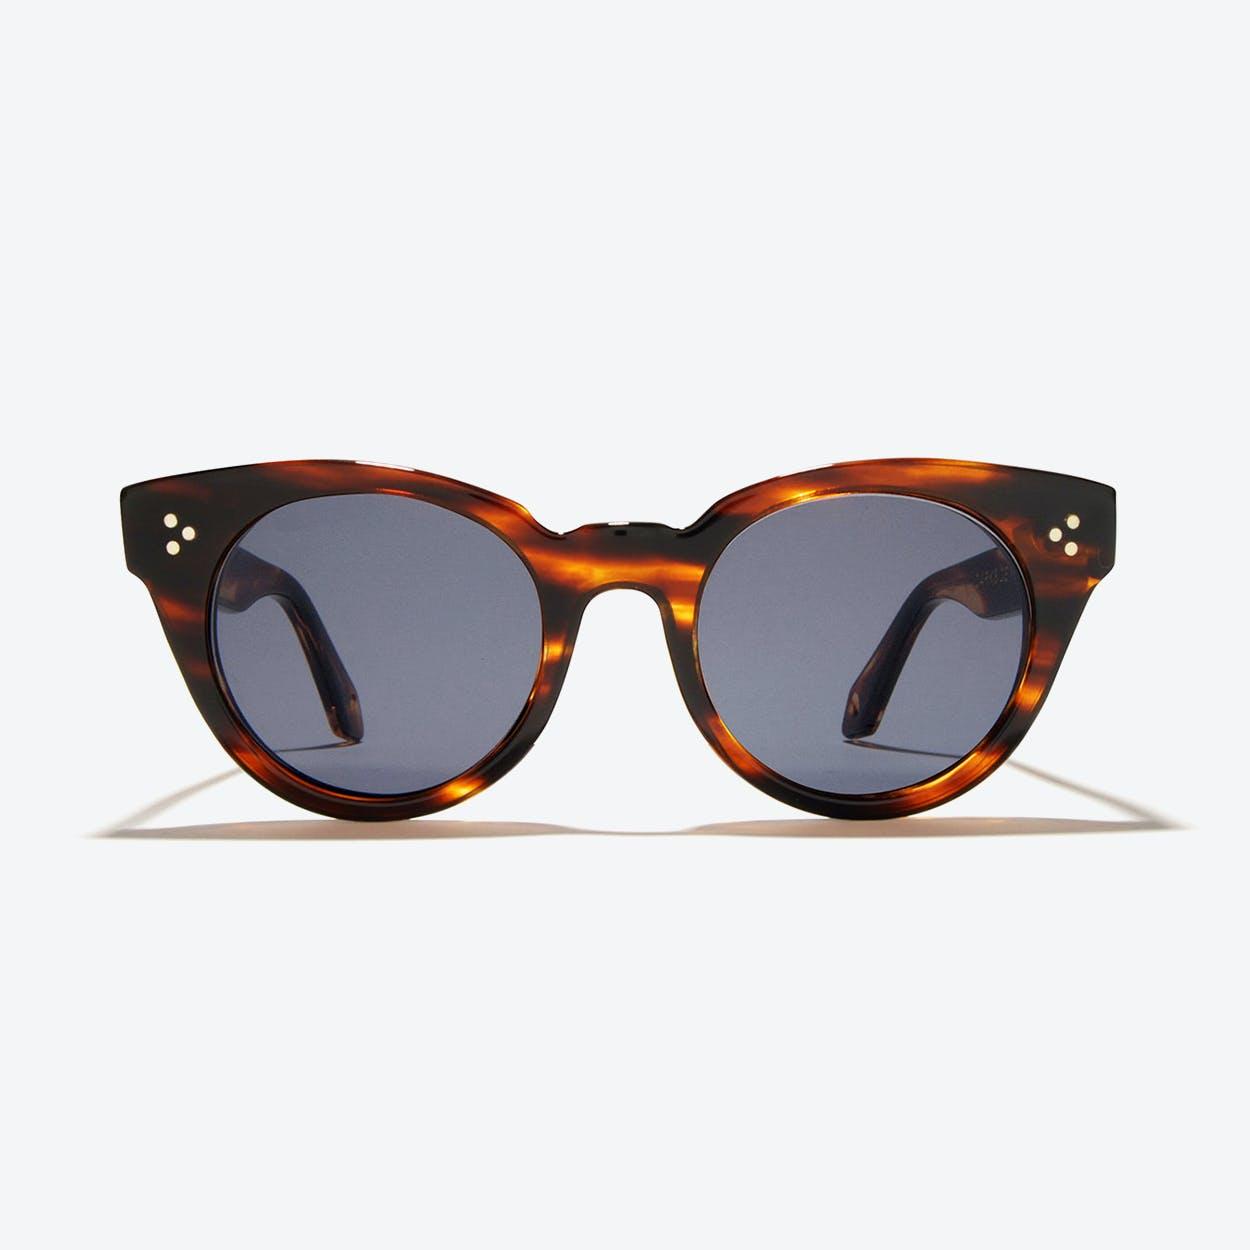 Rhea Sunglasses in Tortoise